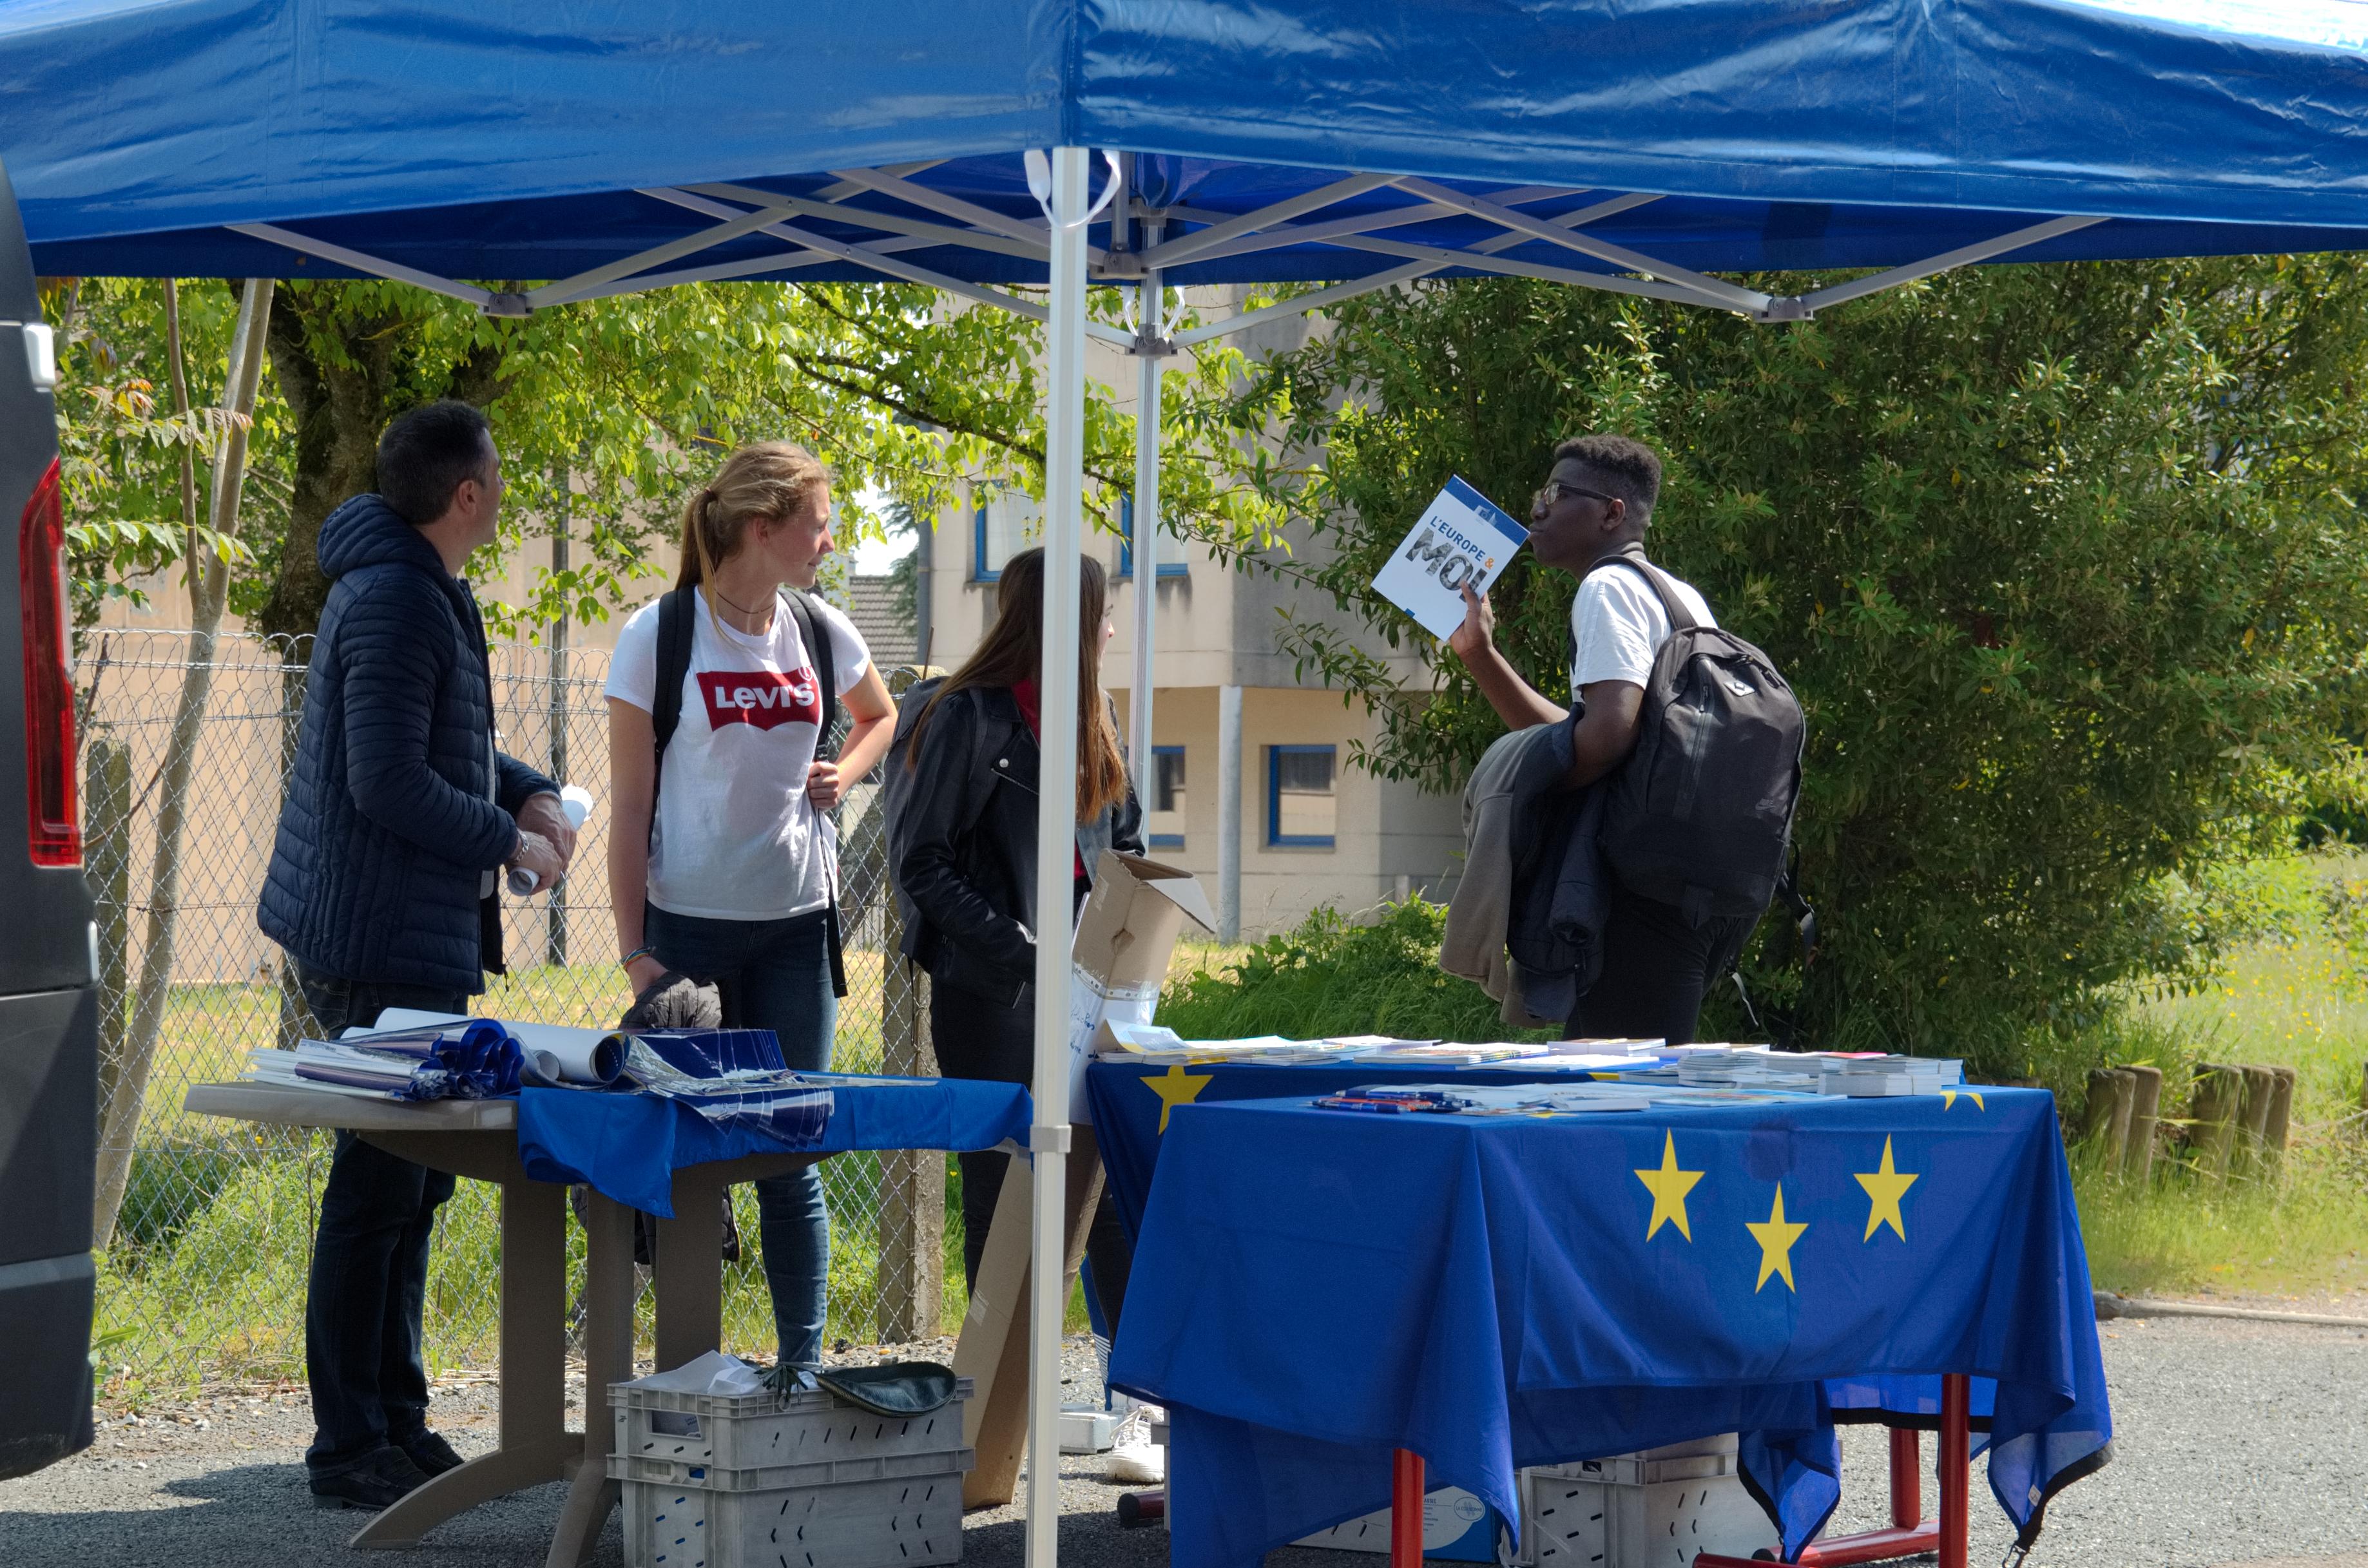 Besoin d'information sur l'UE ? Contactez-nous !